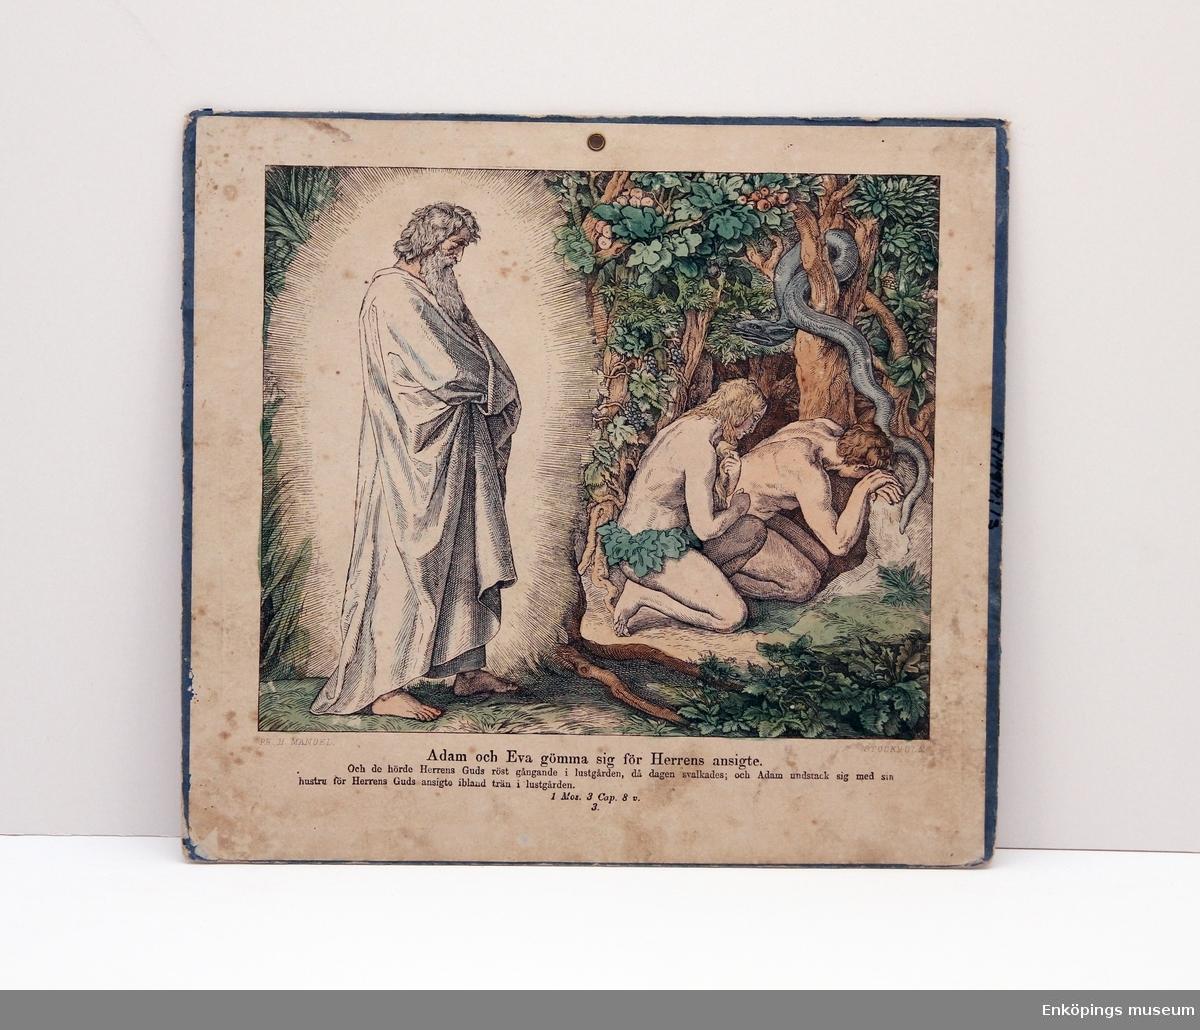 """Skolplansch i ämnet religion. Skolplanschen har bild på båda sidorna. Sida 1: """"Adam och Eva gömma sig för Herrens ansigte"""". Sida 2: """"Utdrifvandet ur paradiset"""".  Skolplanscher användes i de flesta skolämnen under 1900-talet. År 1900 kom en ny läroplan (normalplan) där lektionerna skulle åskådliggöras för eleverna för att de skulle förstå bättre. Detta gjorde att räknestavar, skolplanscher, stora kartor och den svarta tavlan blev viktiga skolredskap."""